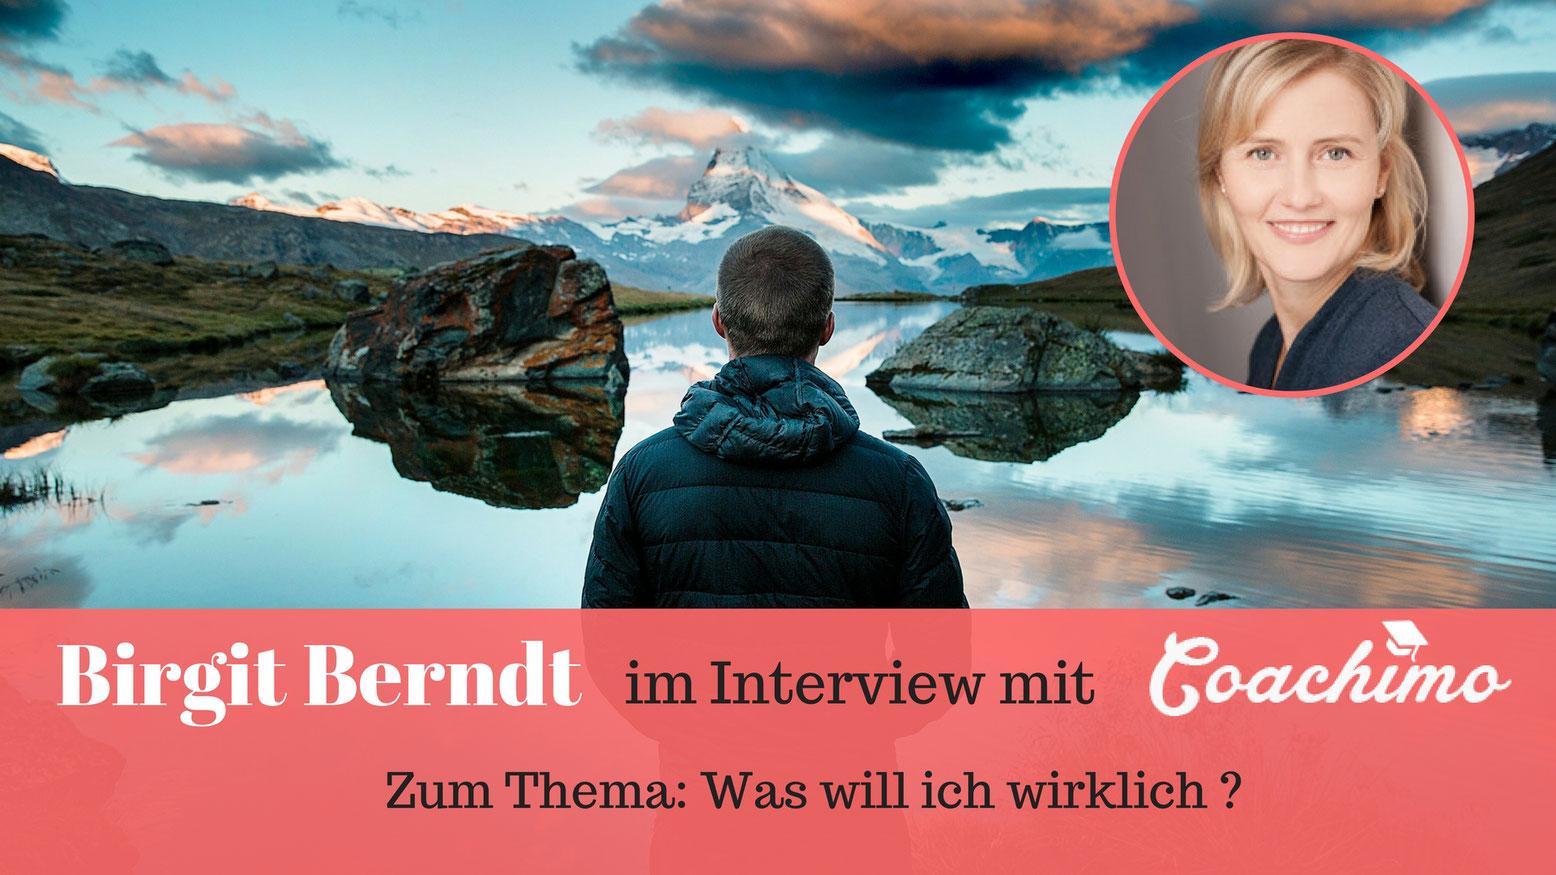 Coachimo Coach Birgit Berndt im Interview zum Thema: Was will ich wirklich?